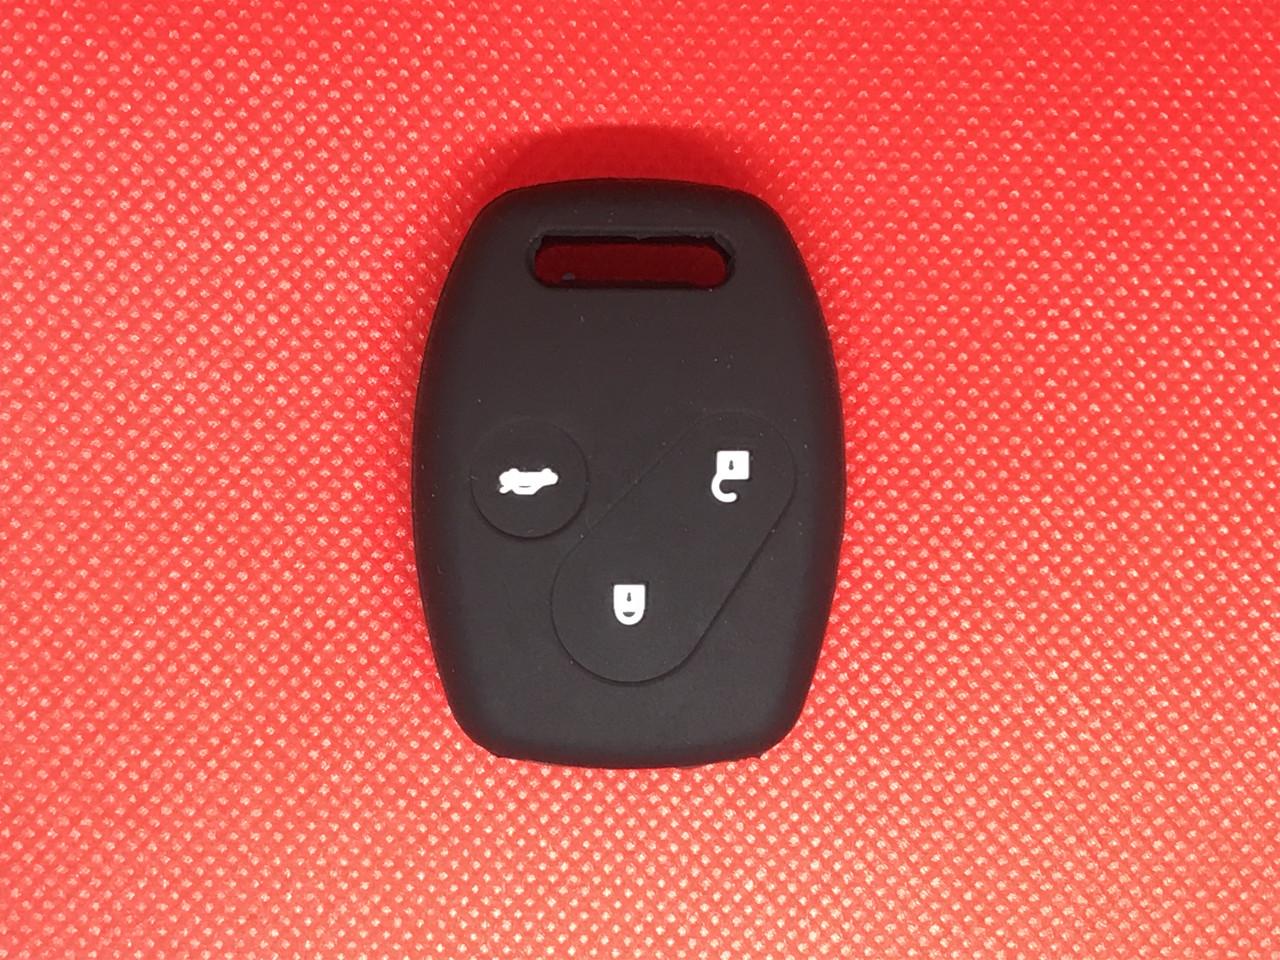 Чехол силиконовый на ключ 3 кнопки Хонда Honda CR-V, Civic, Accord, Pilot, Fit